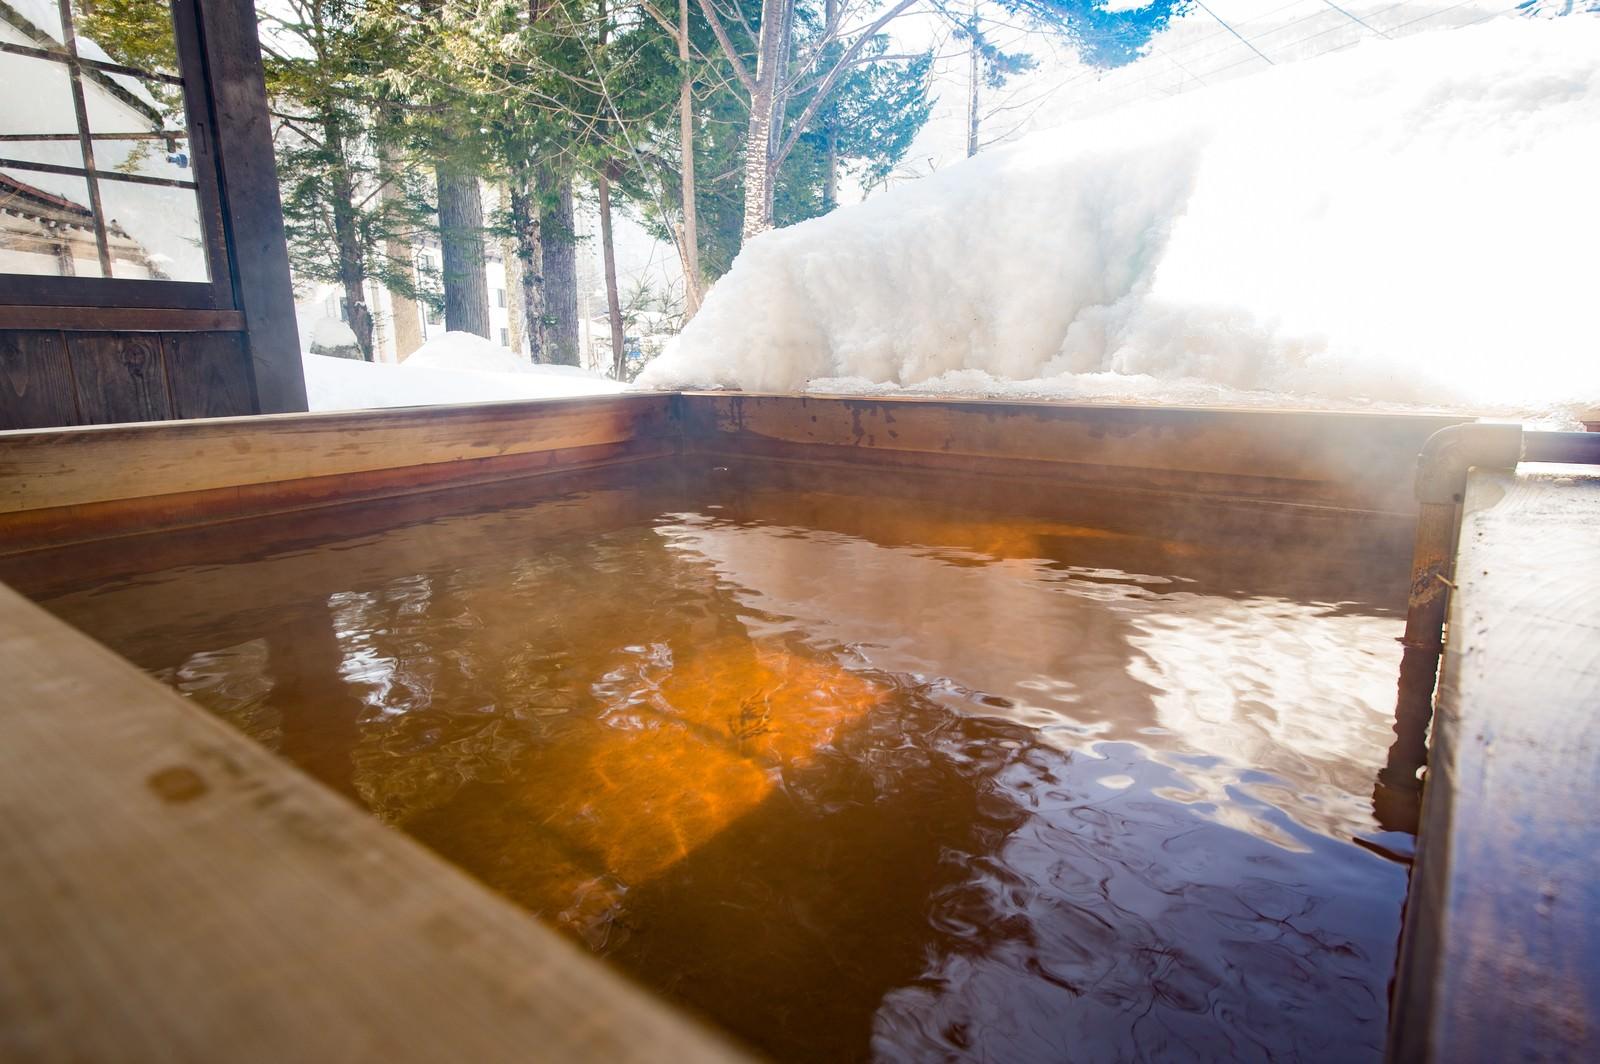 「北アルプスの温泉地は雪を眺めながら源泉かけ流しの足湯北アルプスの温泉地は雪を眺めながら源泉かけ流しの足湯」のフリー写真素材を拡大